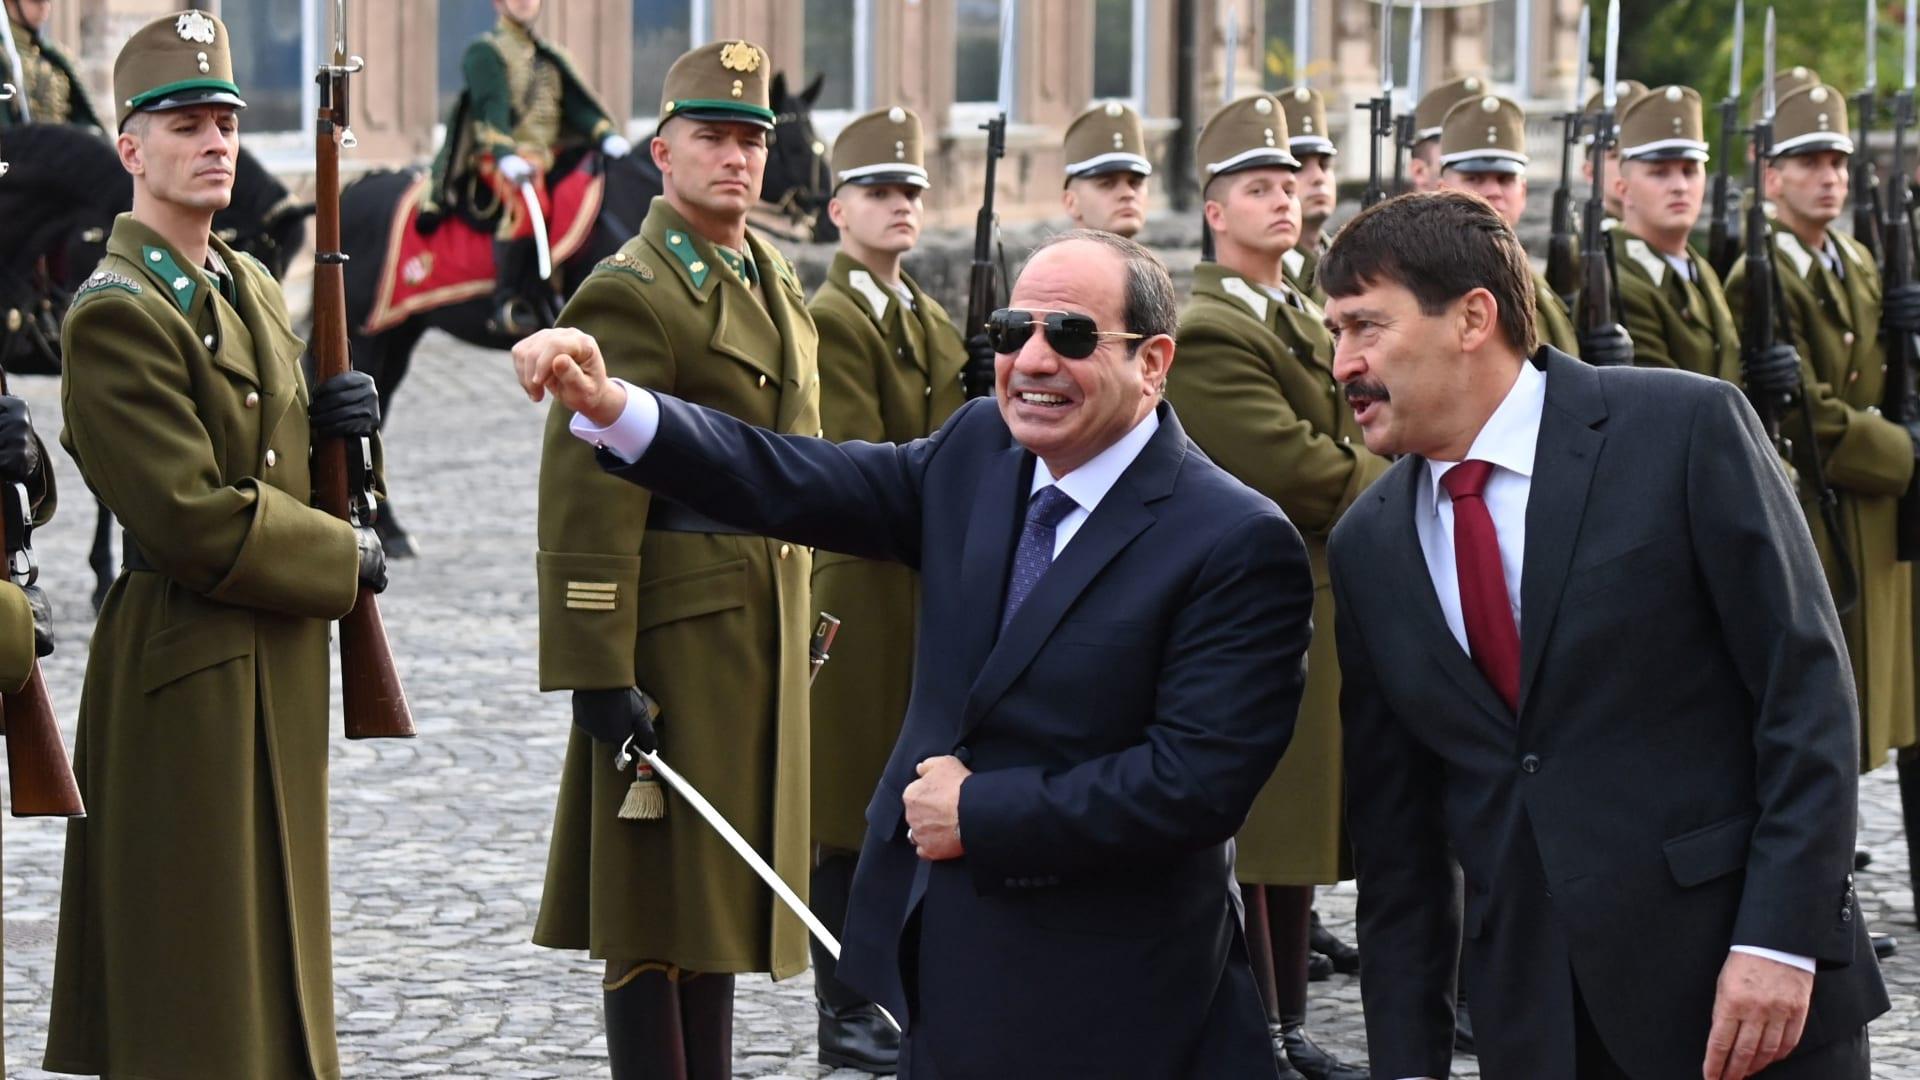 السيسي ورئيس المجر يانوش أدير خلال مراسم الاستقبال في بودابست